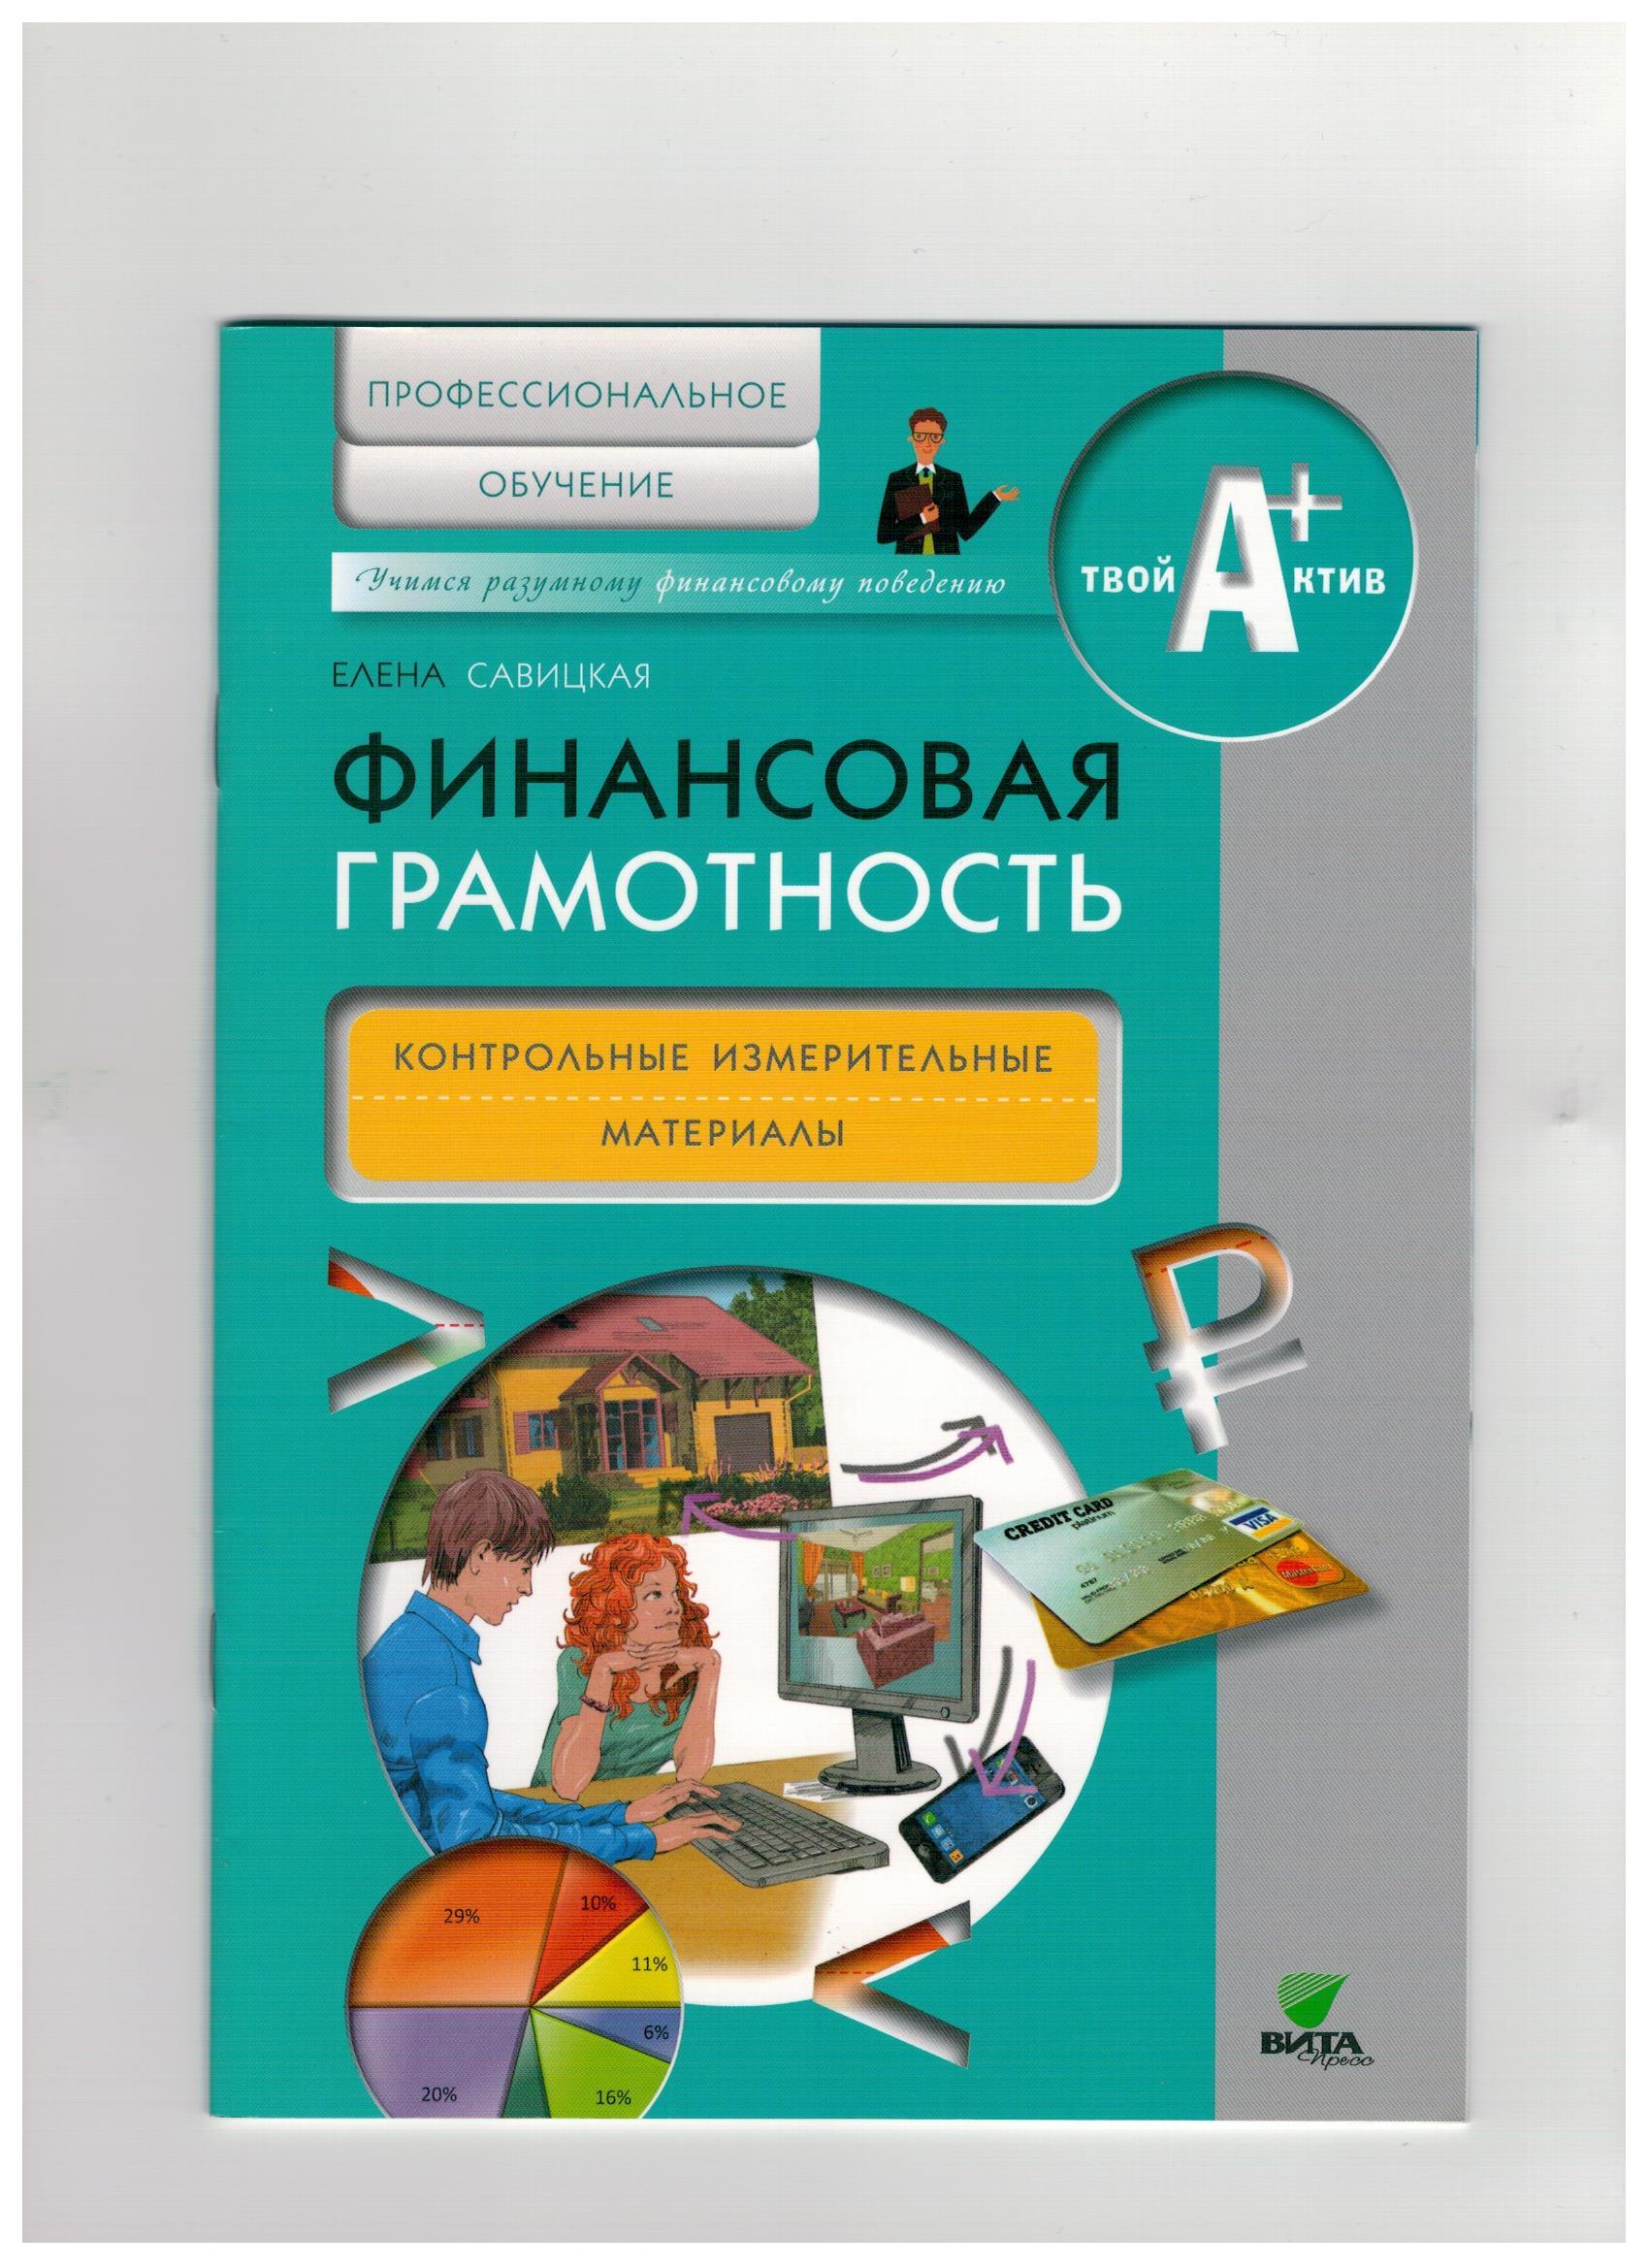 Финансовая грамотность: контрольные измерительные материалы. Профессиональное обучение